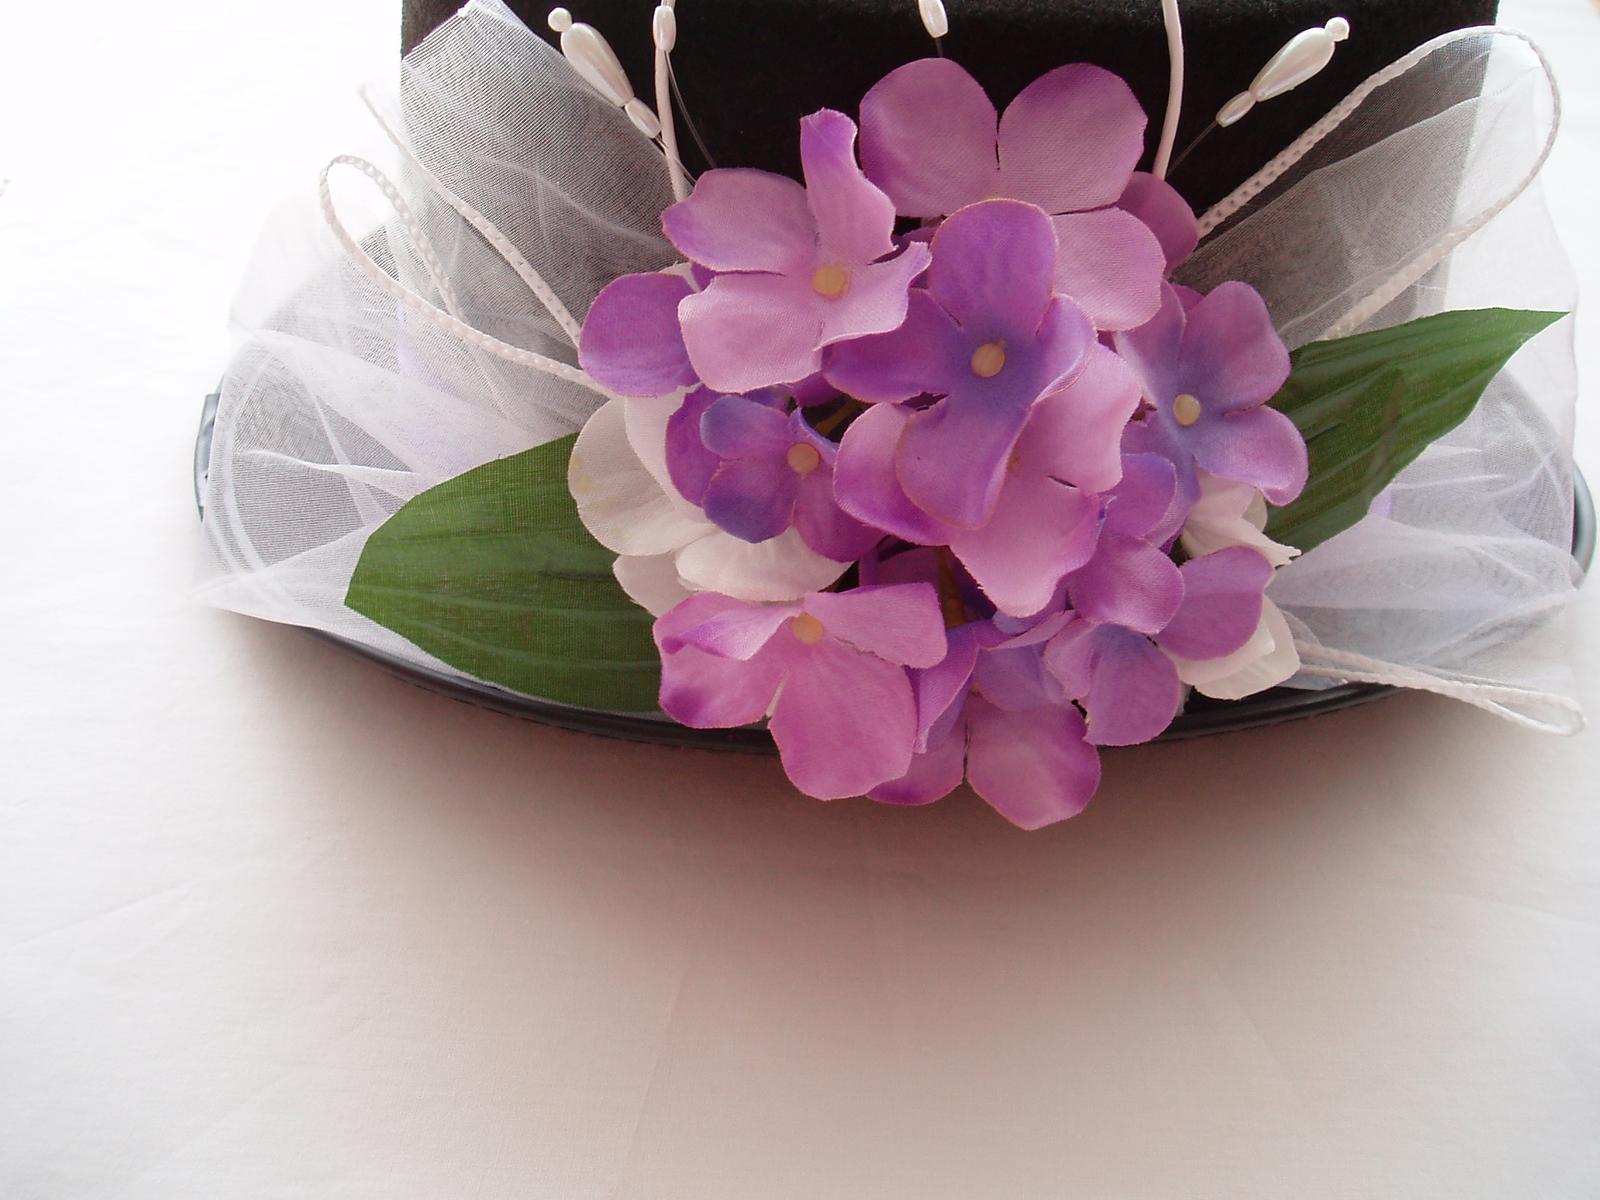 cylindr-fialové hortenzie - Obrázek č. 2